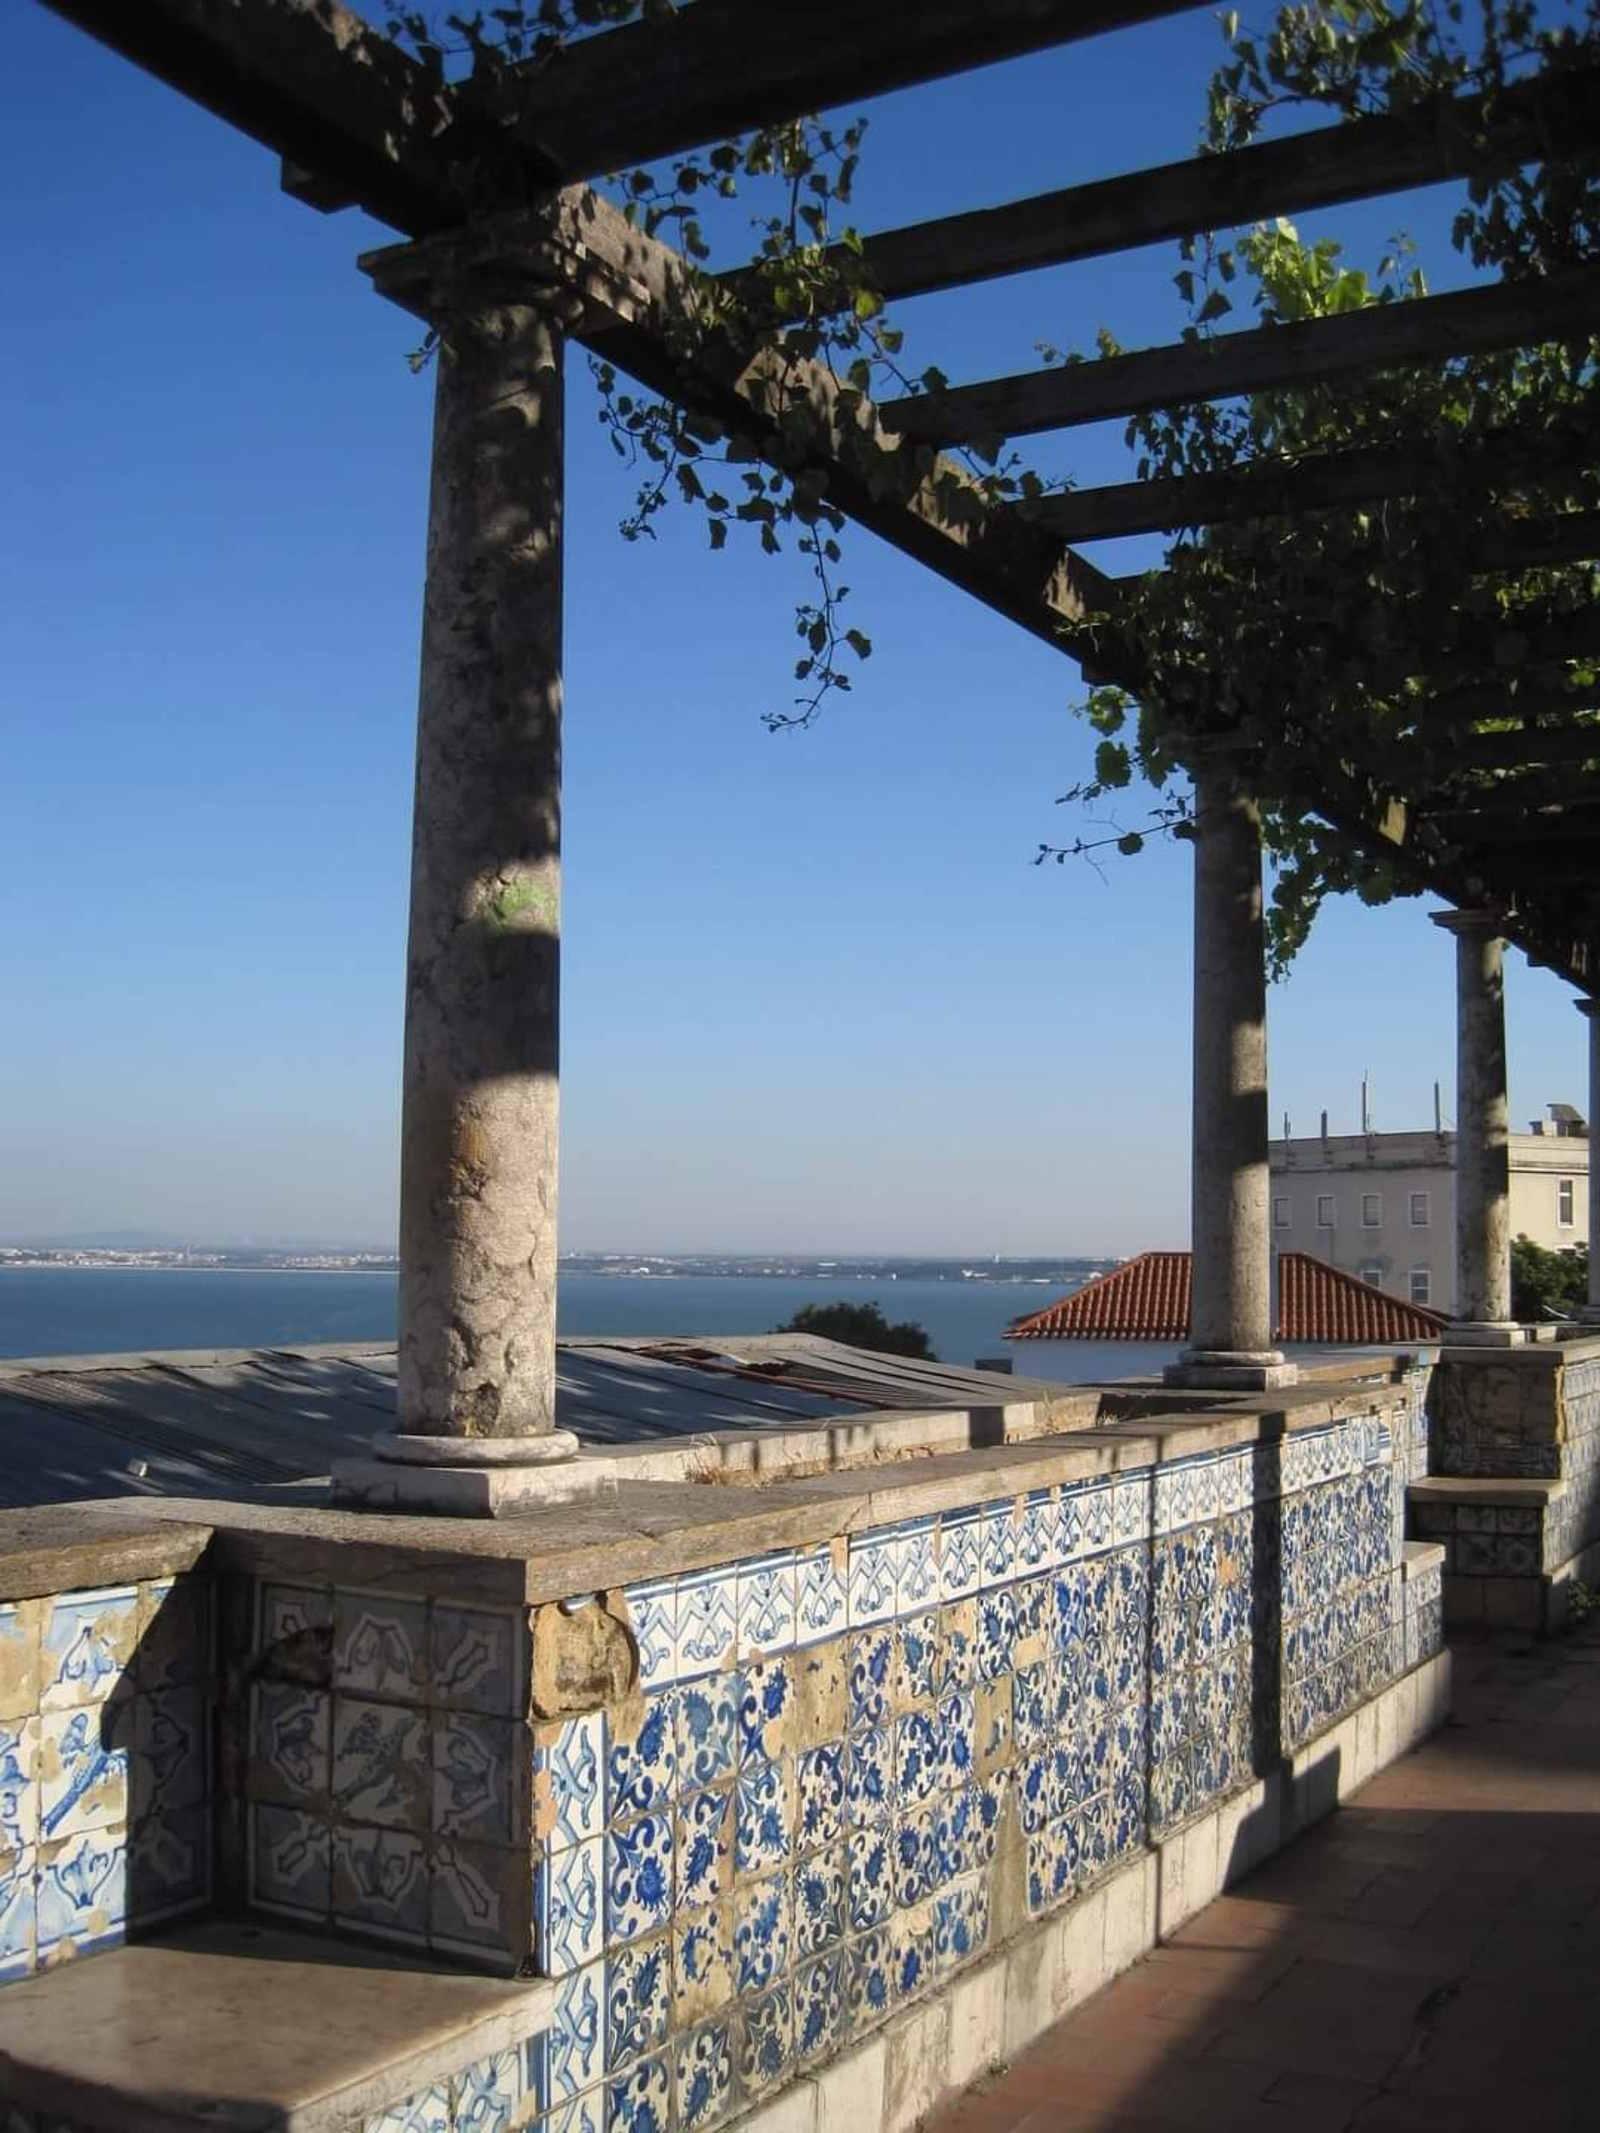 Lisbona, Capitale Europea da visitare: Panorama dal Mirador di Santa Lucia spunti di Viaggio in Europa